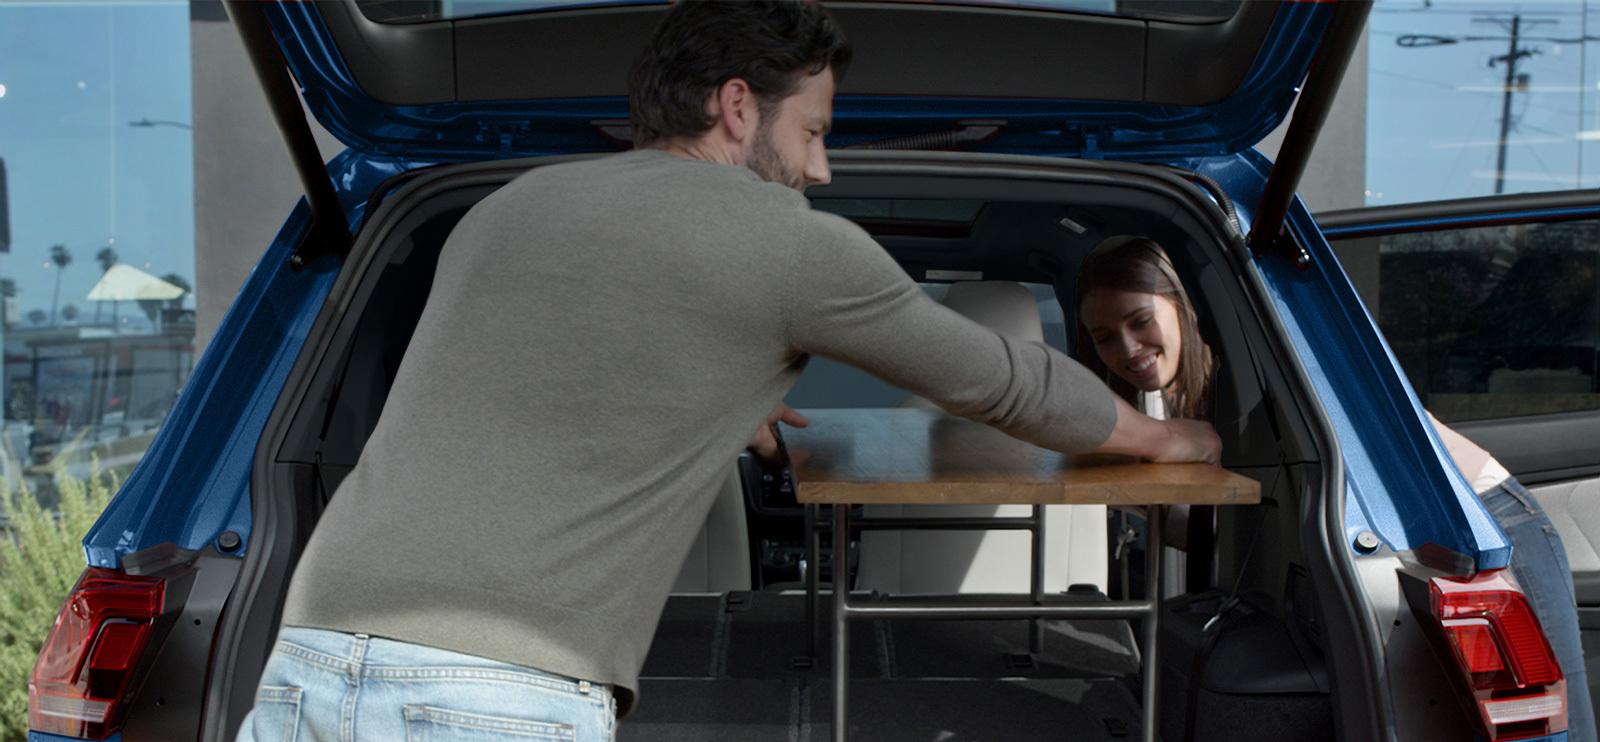 Pliega los asientos traseros y consigue el espacio de carga que necesitas.